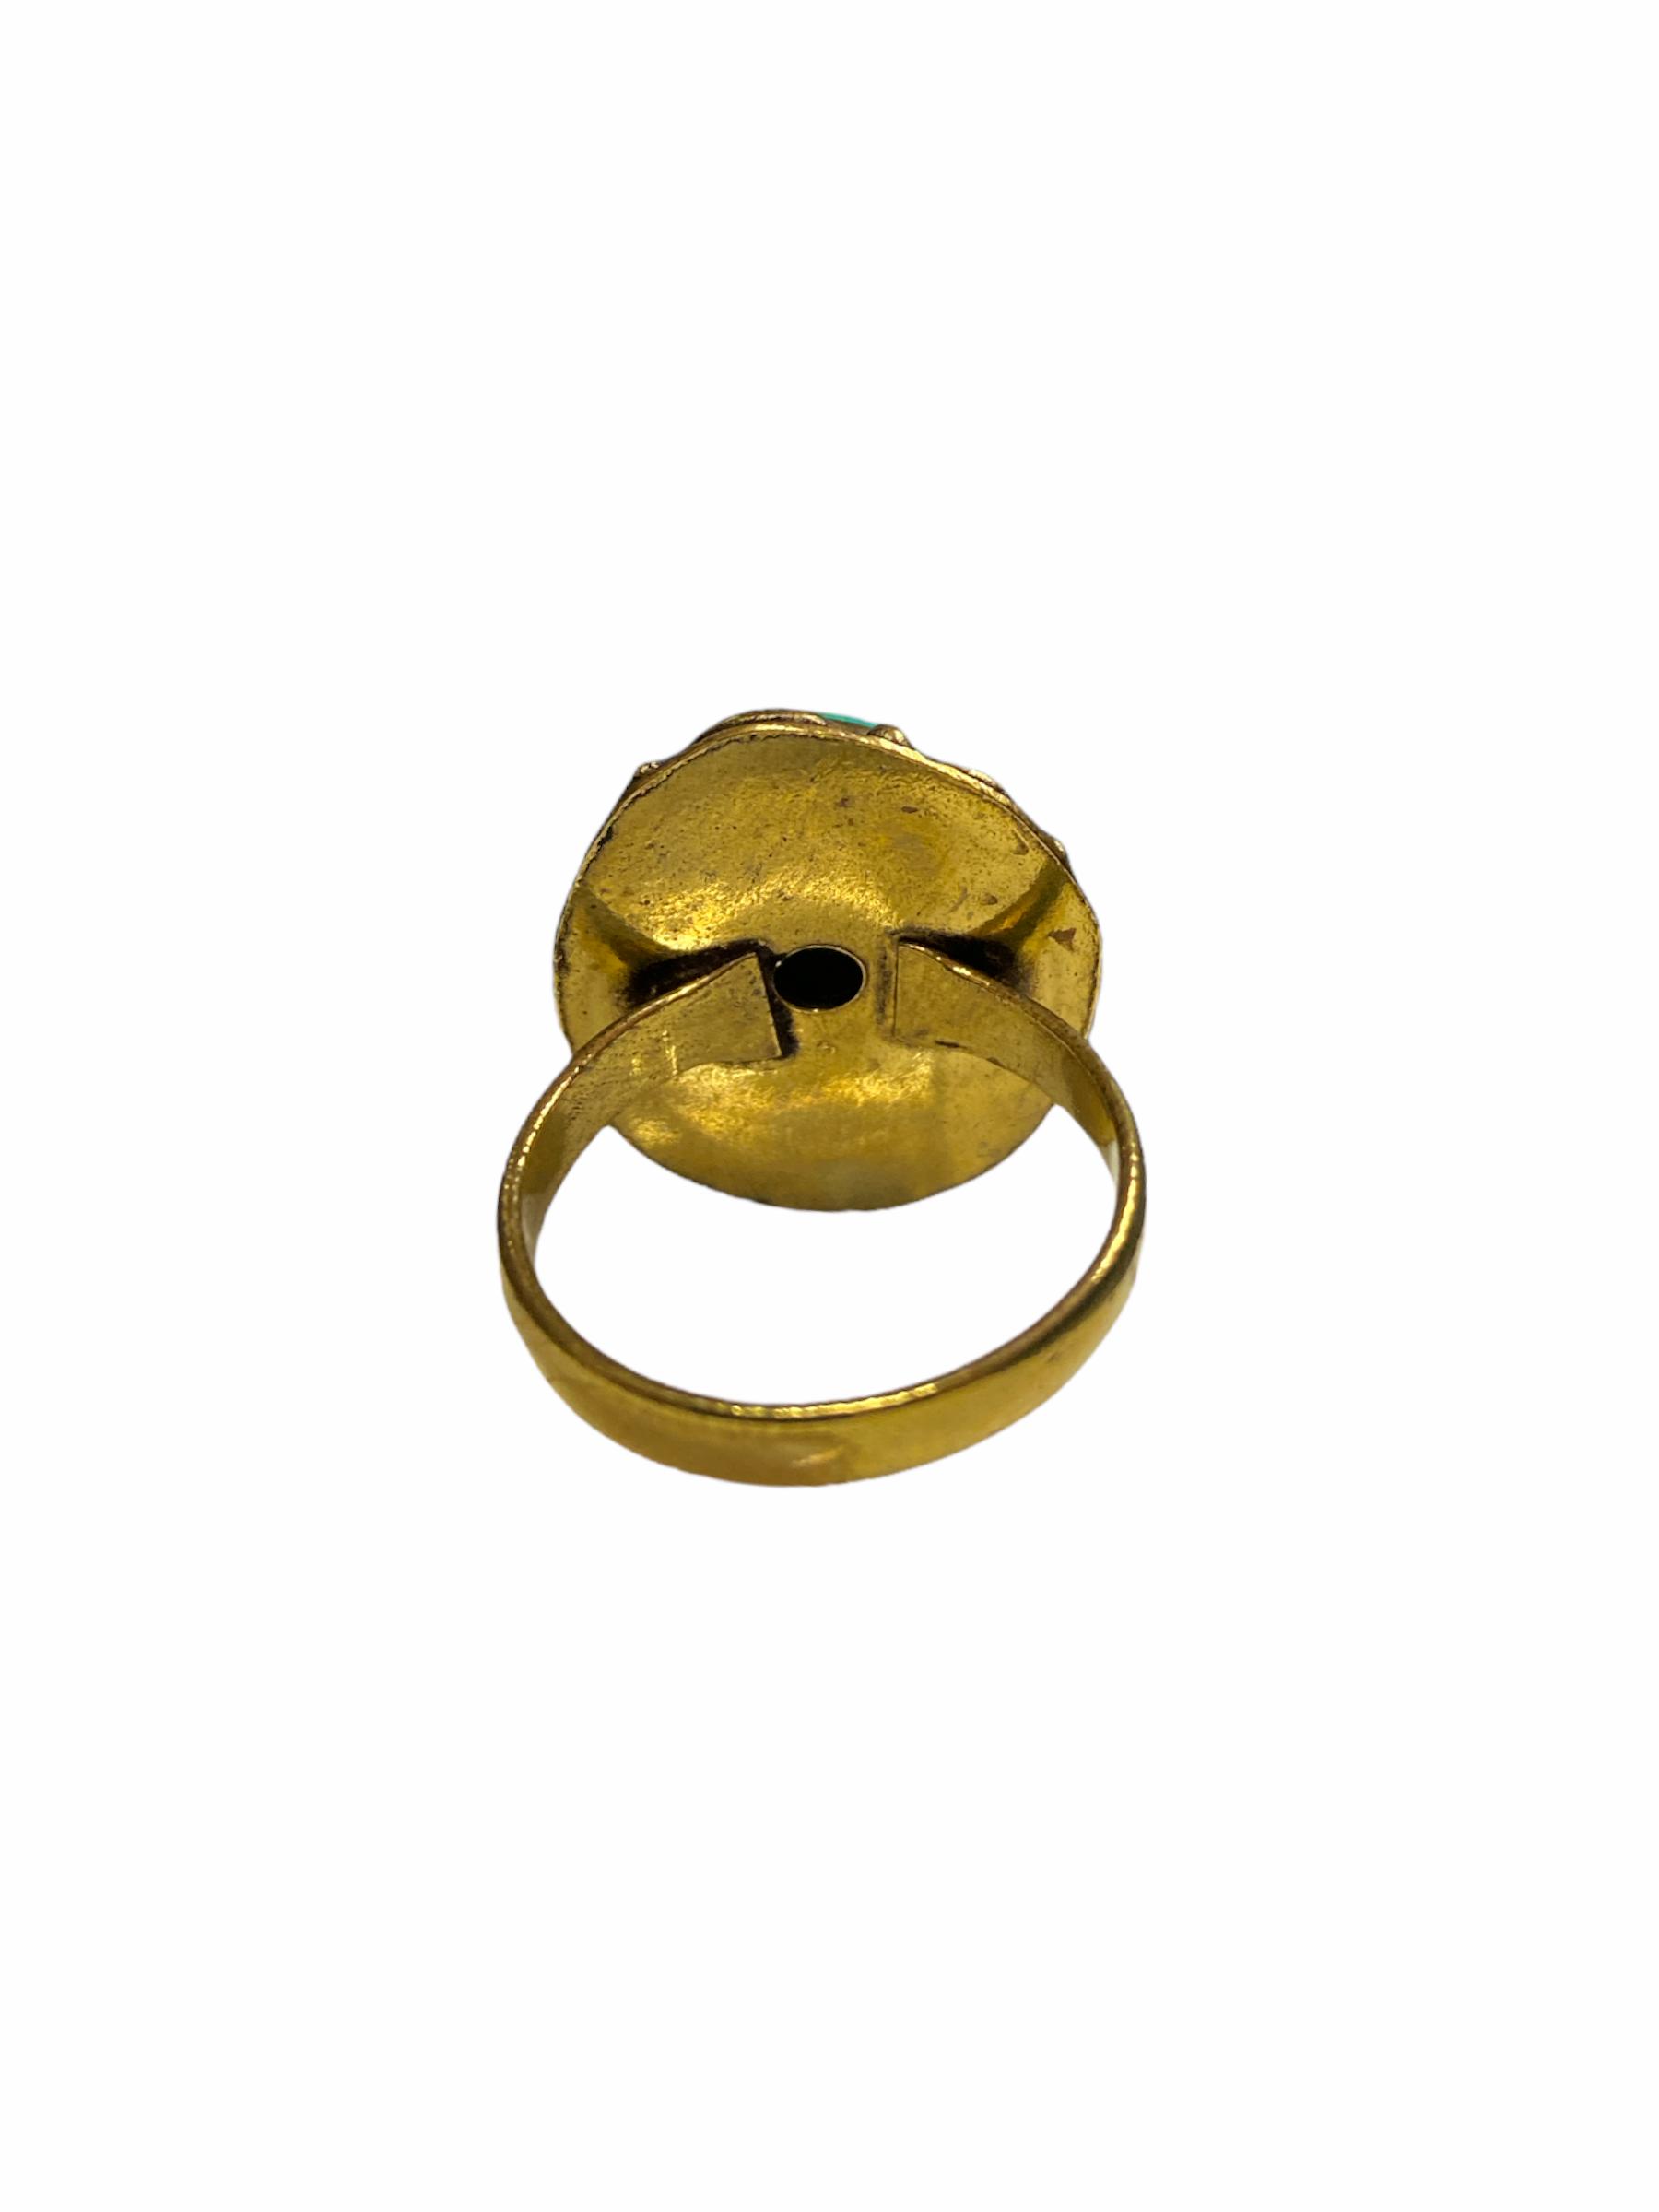 Δαχτυλίδι Χειροποίητο Με Τιρκουάζ Σε Χρυσό Χρώμα